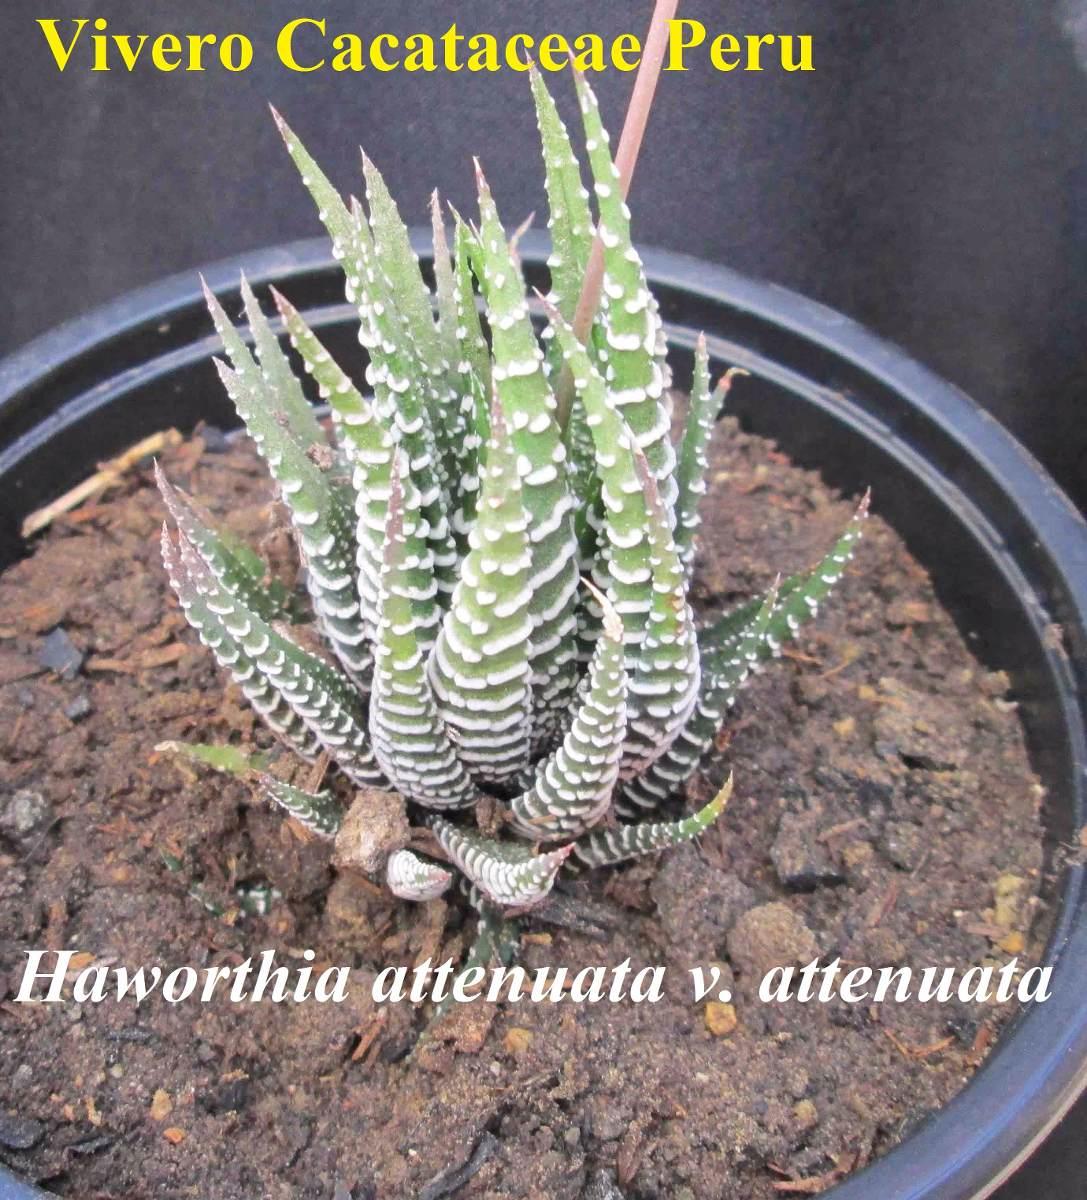 Haworthia fasciata reproduccion asexual de las plantas